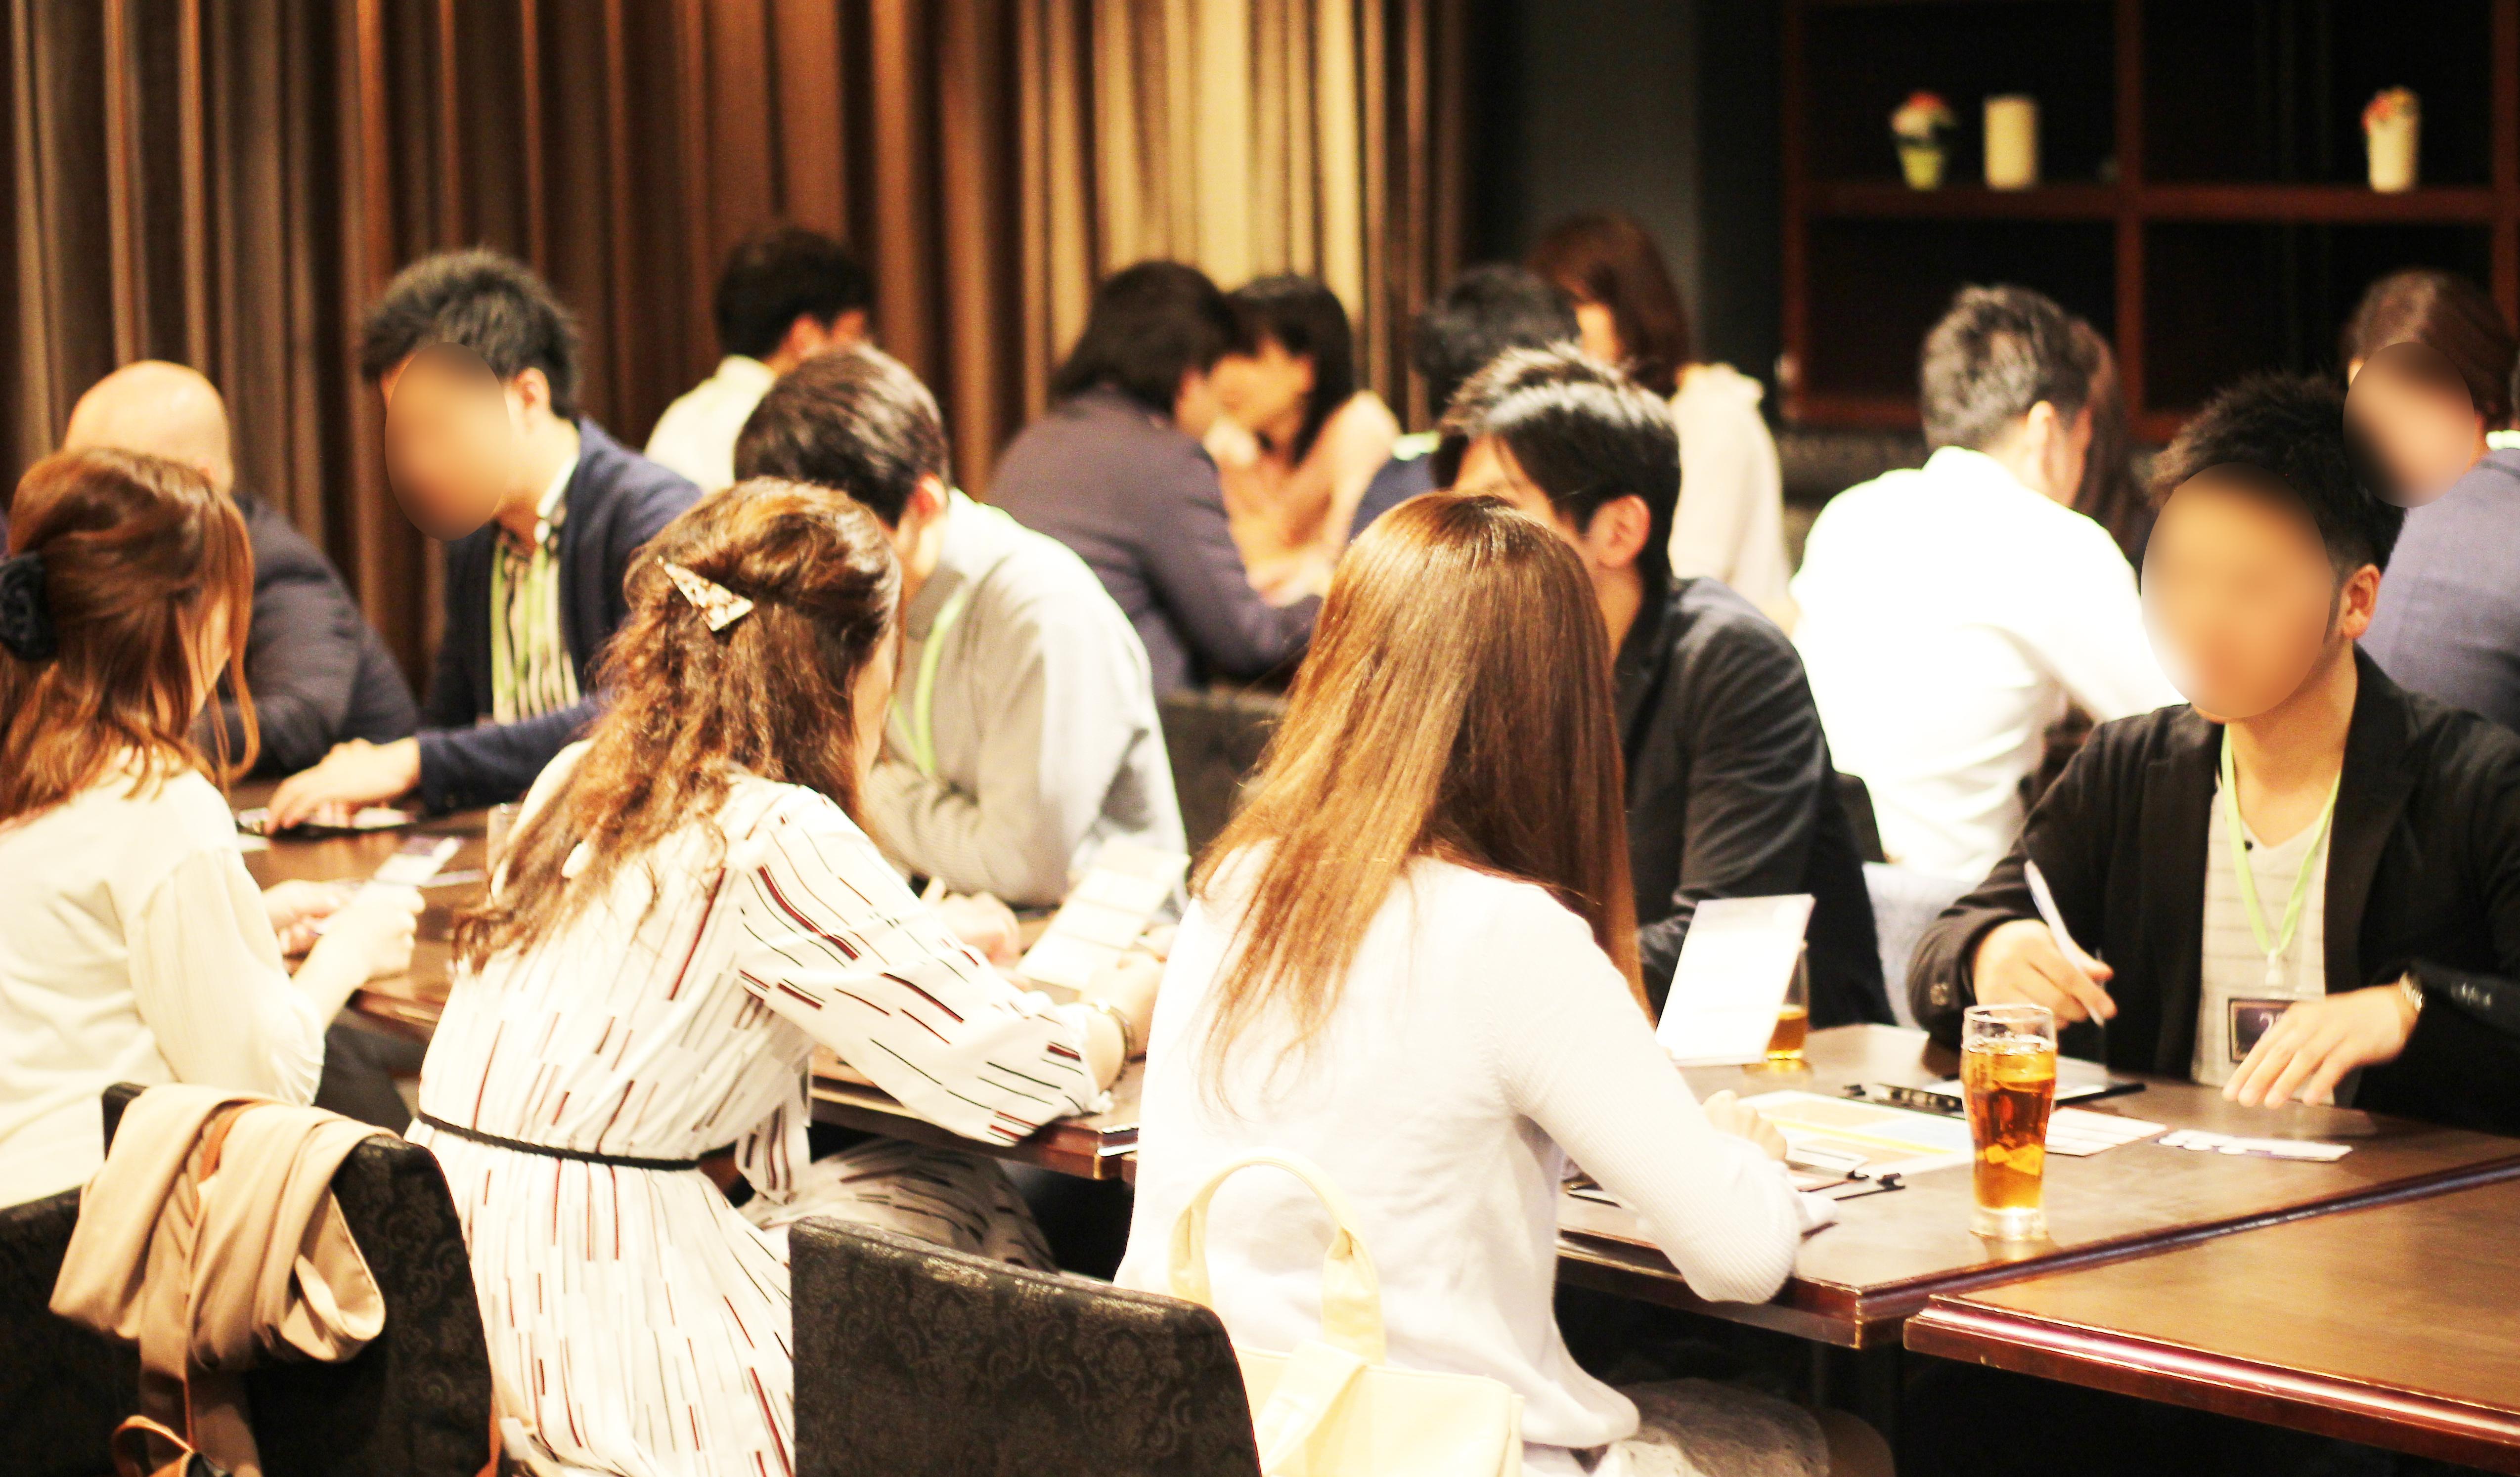 【大阪】GW中の着席パーティーは梅田のKIZASHI DOJIMAにて♪ラグジュアリーな会場で、お一人お一人と上質な出会いを…♪ サブ画像2